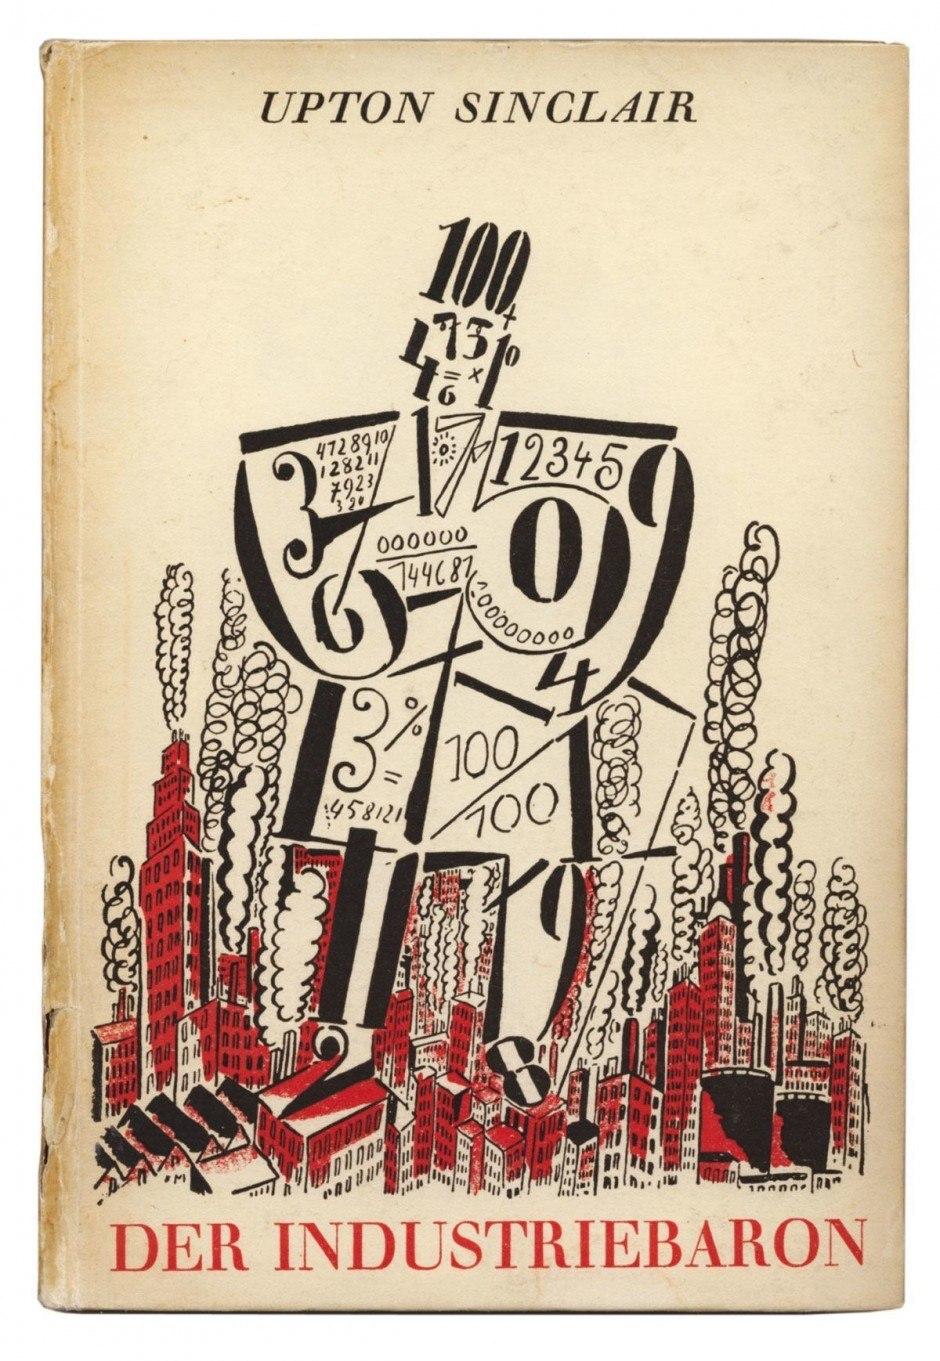 Mit seinen sozialkritischen Roma-nen über die Auswüchse des US-Kapitalismus war Upton Sinclair hierzulande erfolgreicher als in seiner Heimat. John Heartfield gestaltete die Cover vieler seiner in Deutschland erschienenen Bücher – mit Dollarzeichen, Zahlen oder Hochhausschluchten. Diese Publikation aus dem Malik-Verlag von 1925 trägt eine Deckelzeichnung des belgischen Malers und Grafikers Frans Masereel, der aus Zahlen die übermächtige Gestalt eines Kapitalisten erstehen ließ